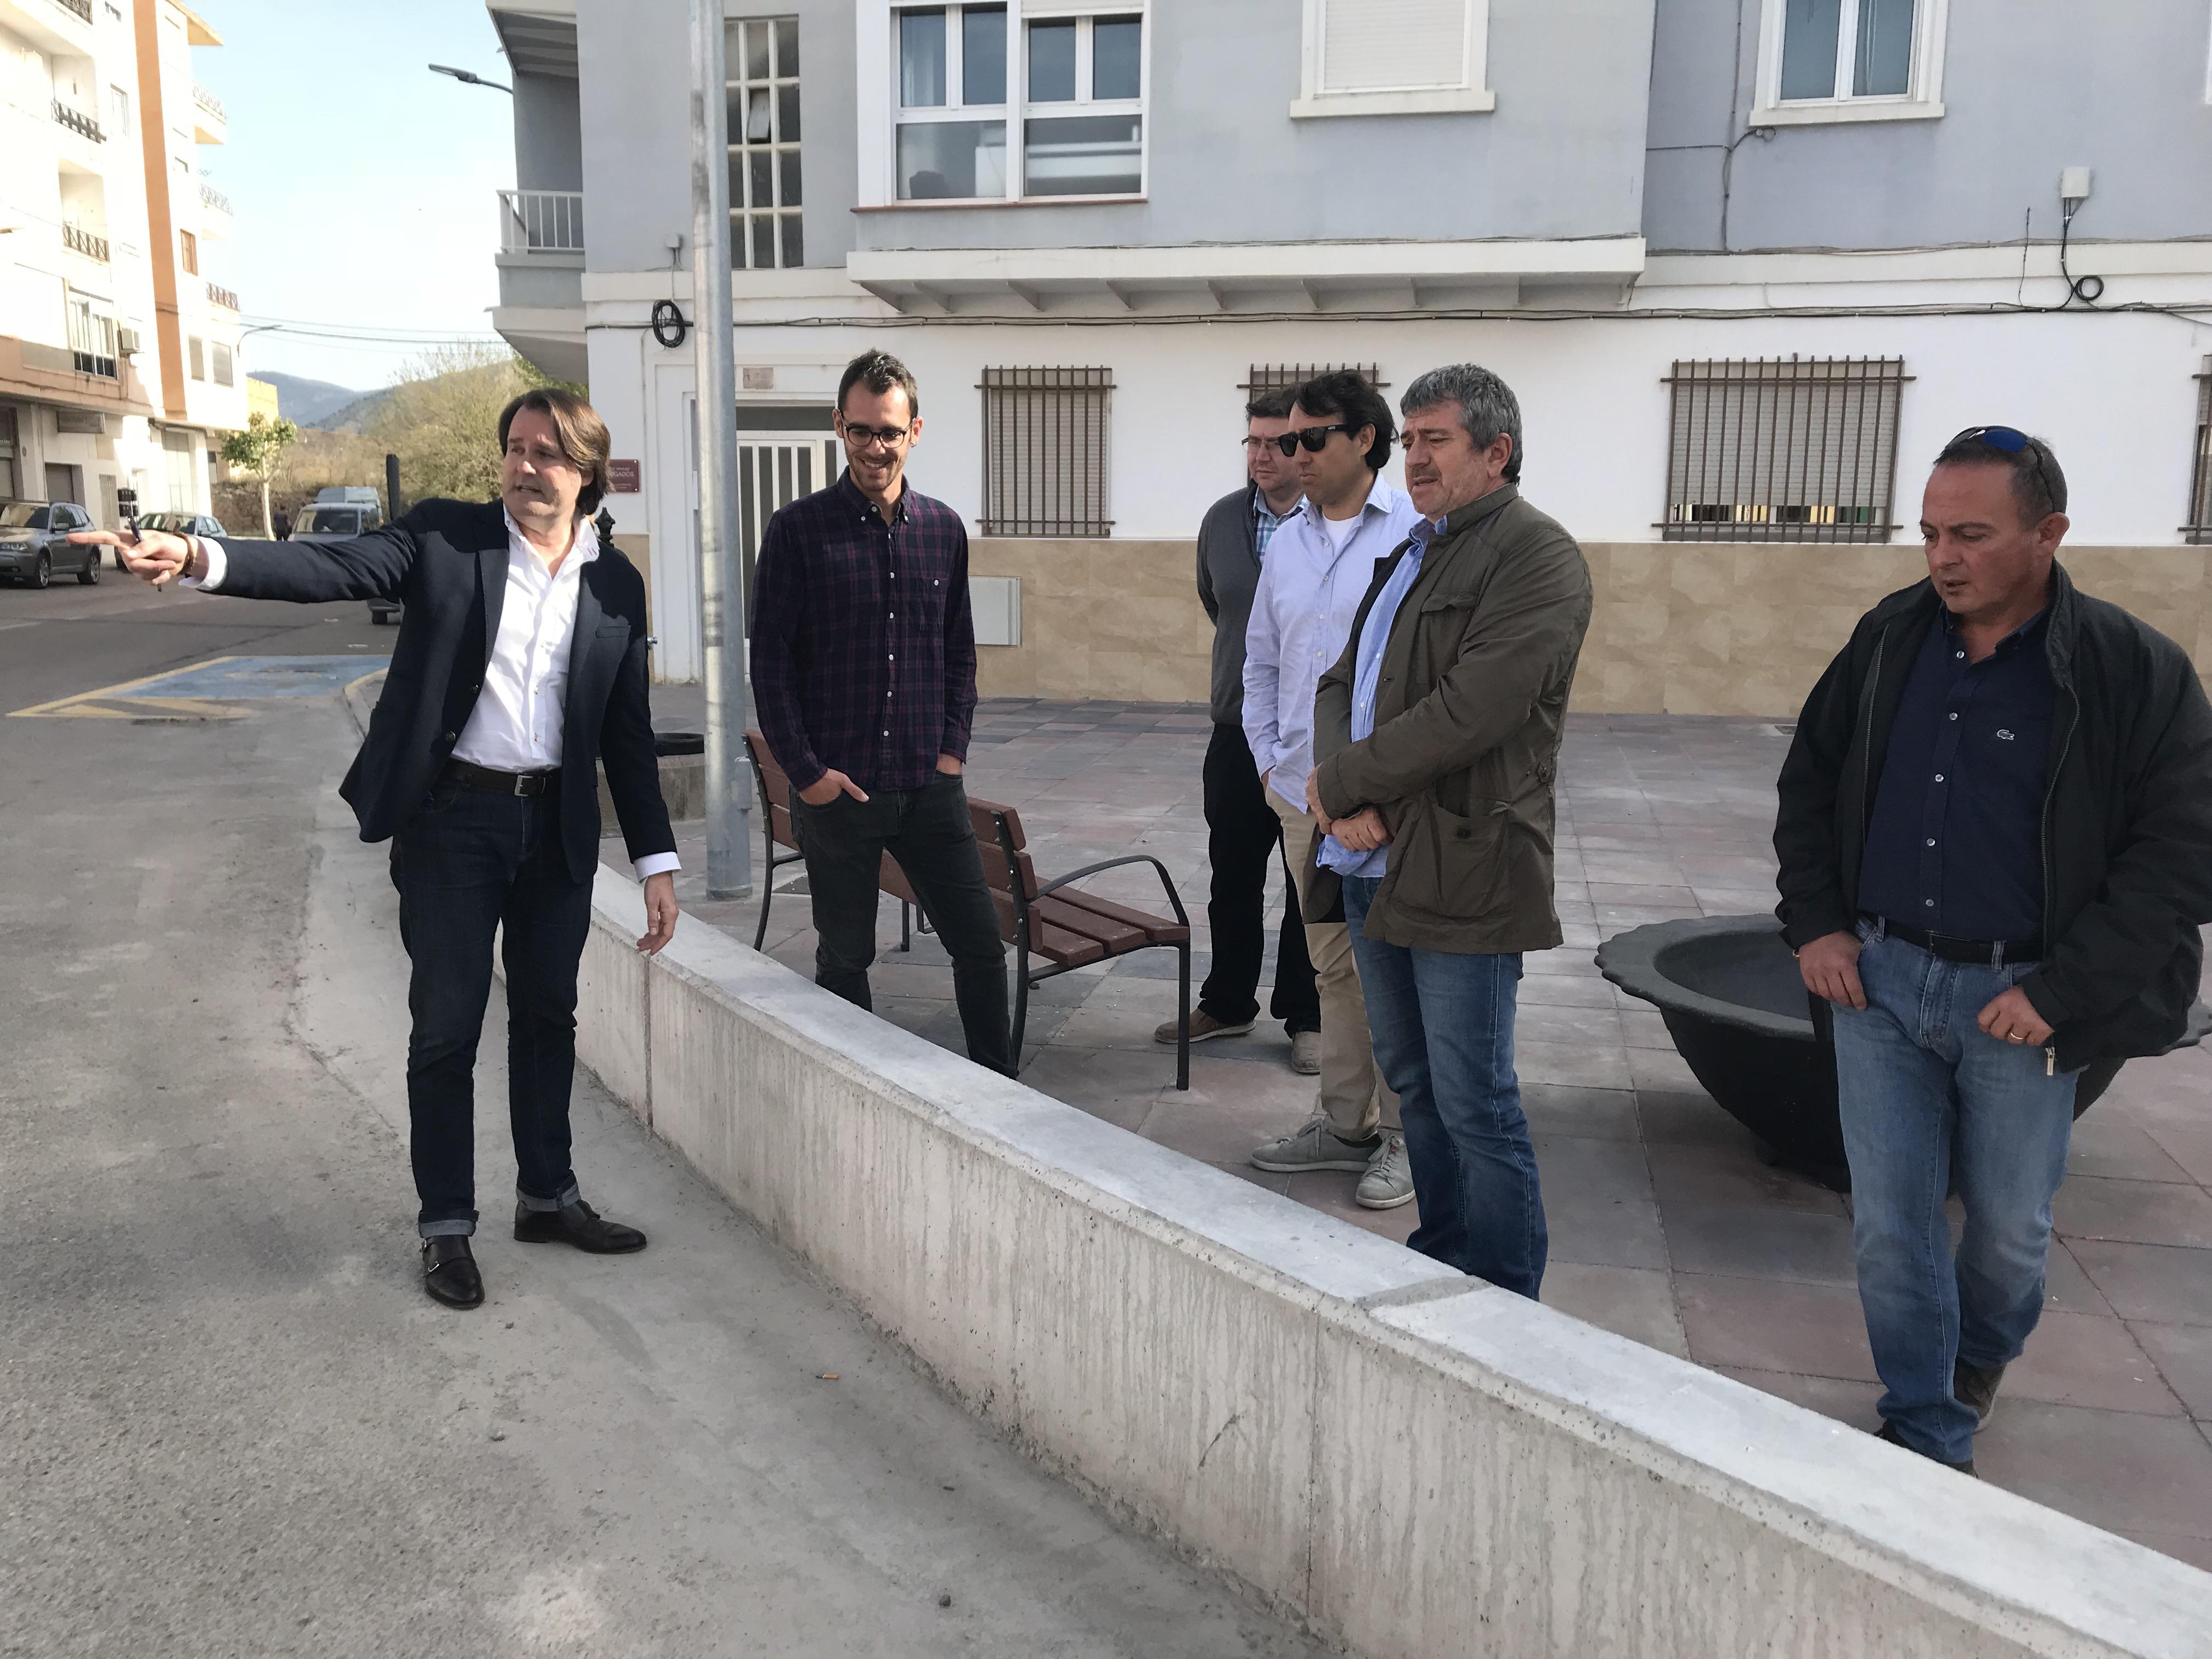 Las obras que ha realizado el Ayuntamiento de Villar del Arzobispo para la adecuación del pavimento de la plaza han contado con una ayuda de 92.500 euros del Programa de Riesgos Geológicos de la Diputación.